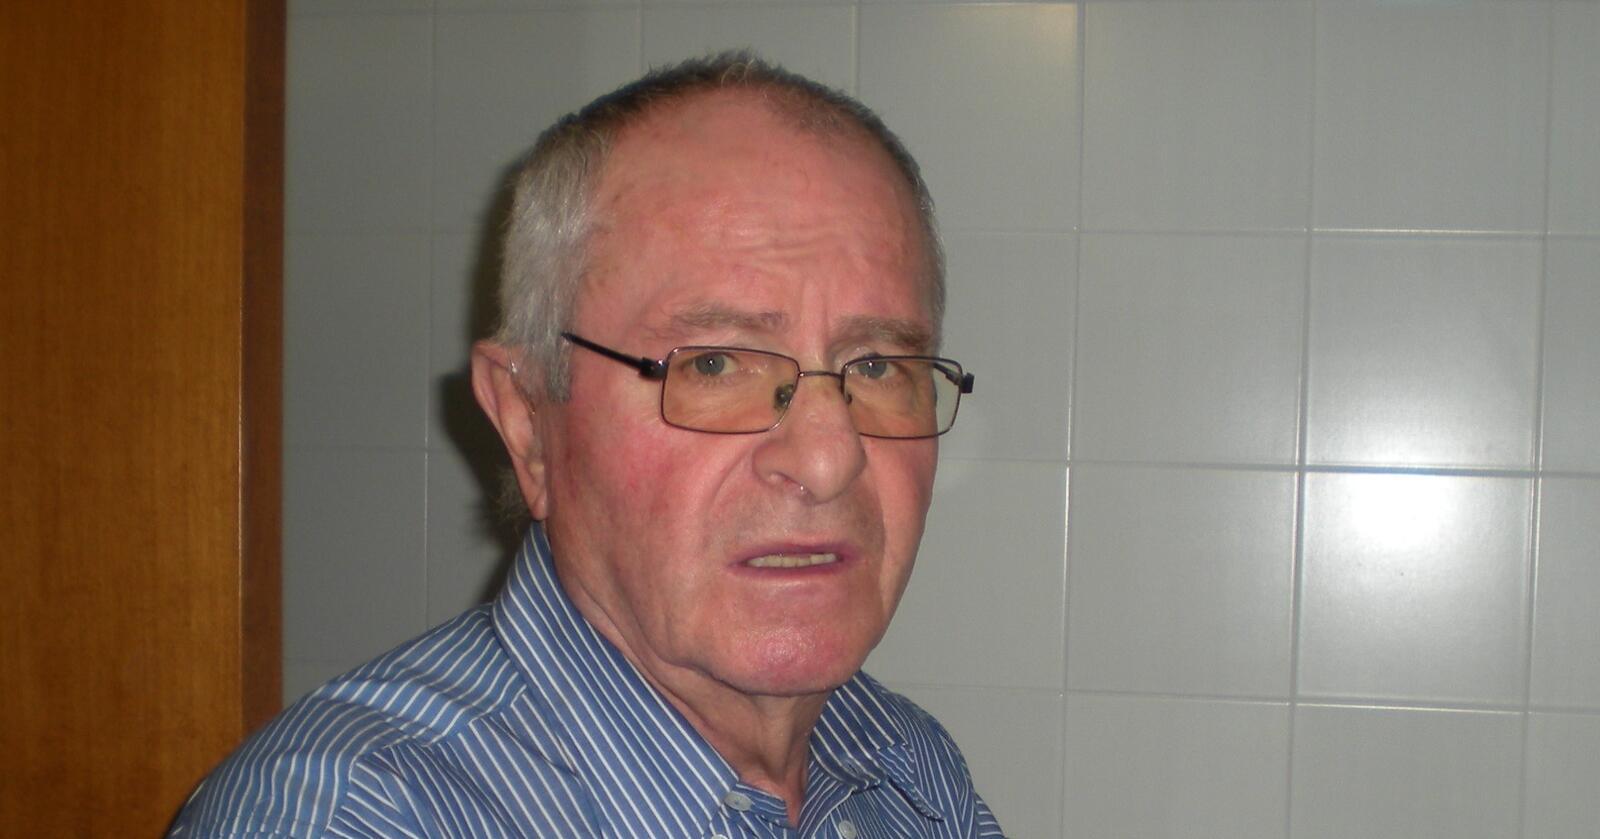 Olav Bjotveit er pensjonert sivil agronom. Han har jobbet 37 år i Bondelaget, blant annet med EU-avstemningen i 1994.